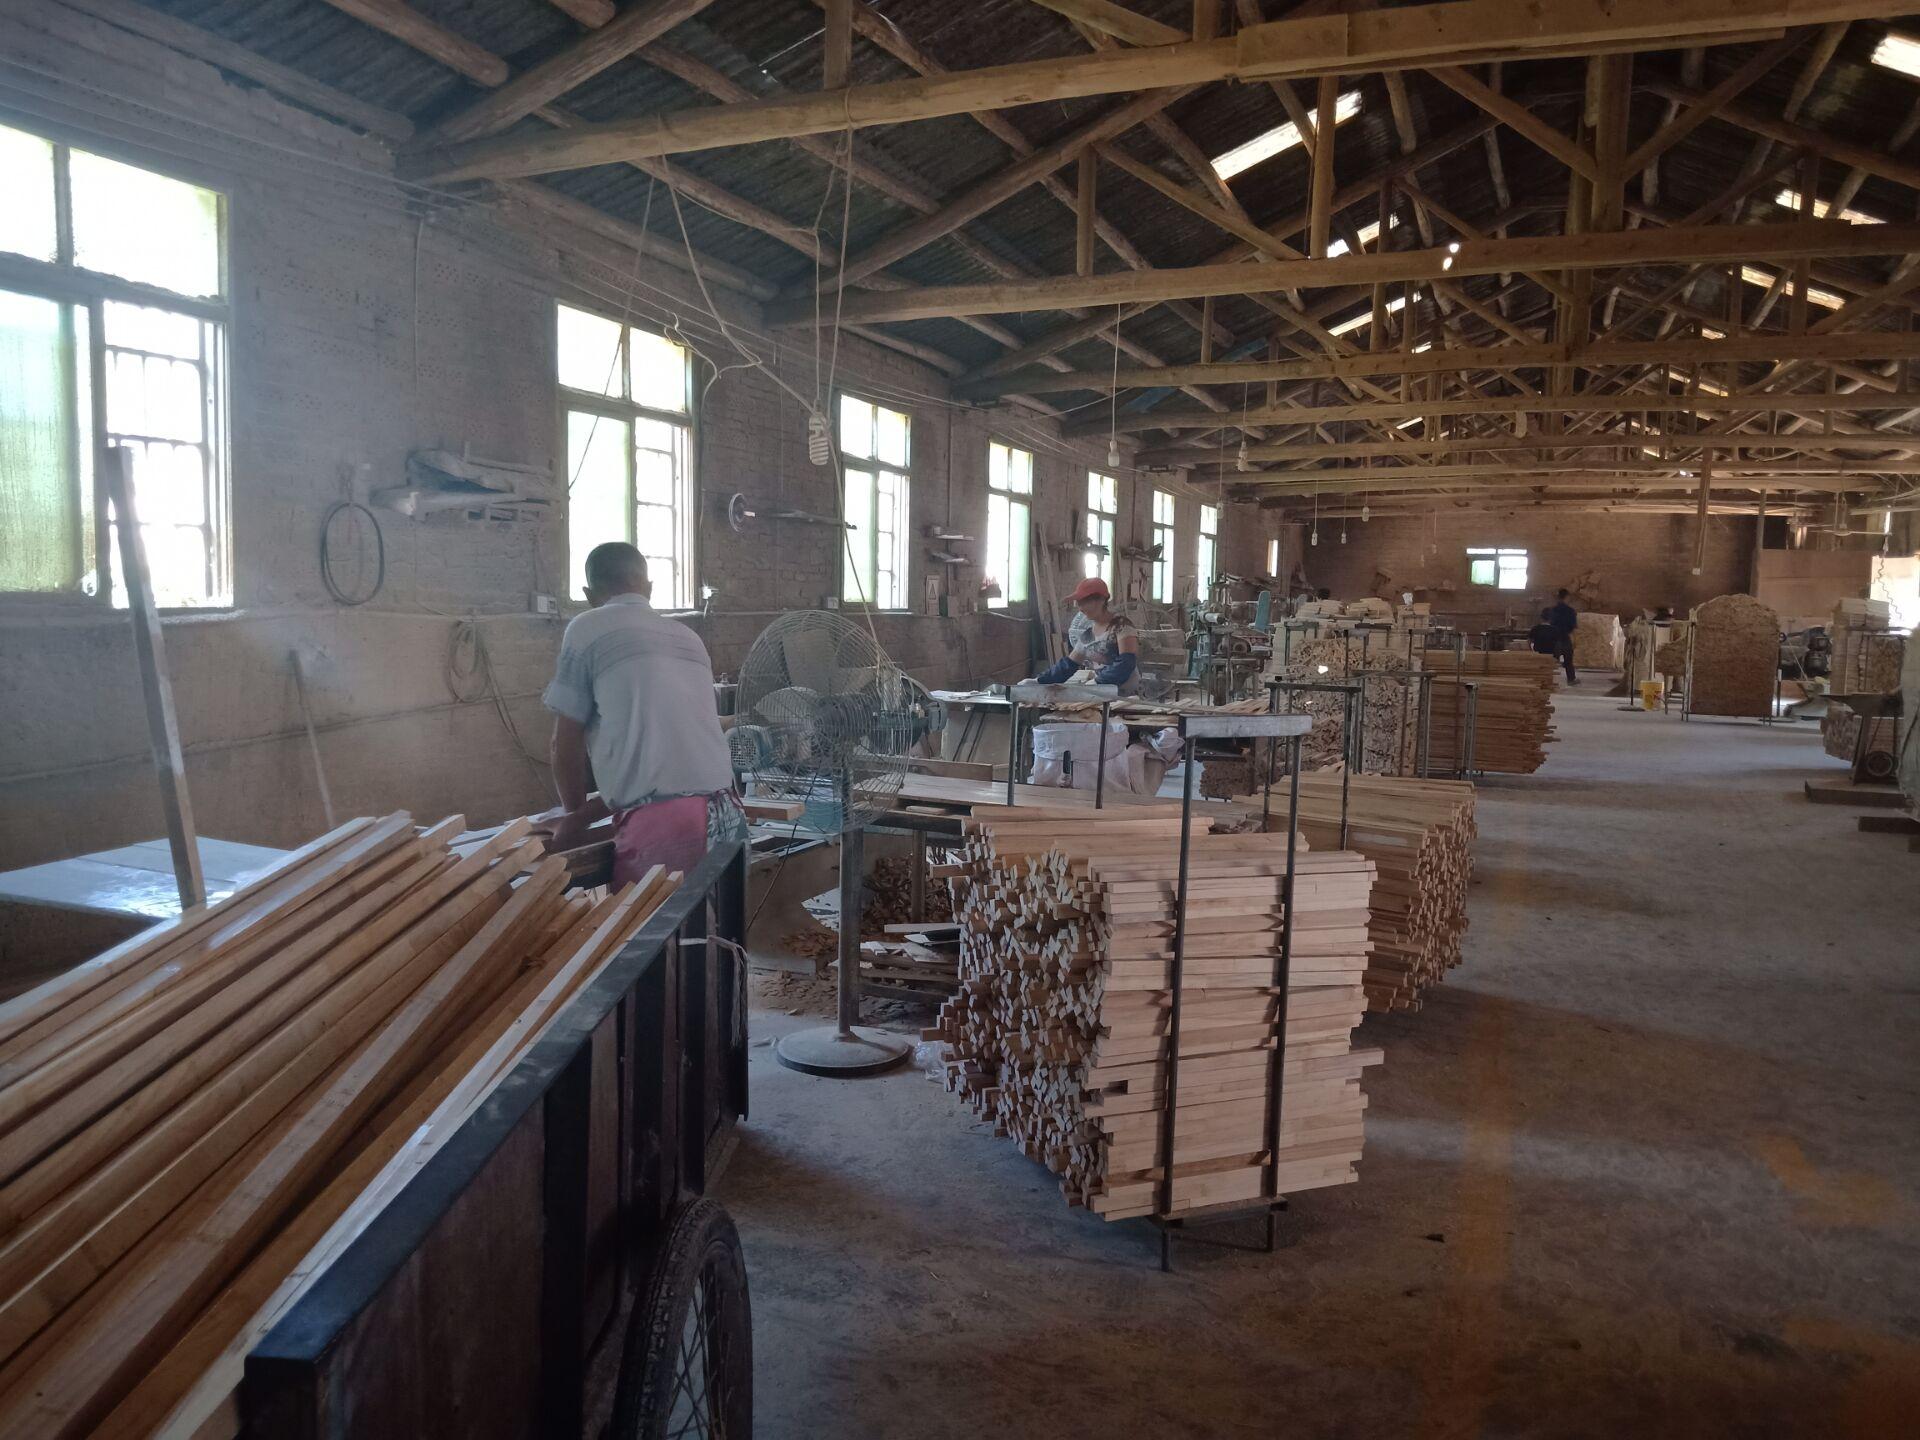 عالية الجودة 2 الطبقة الصدر خشبية nighstand مع 2 درج المعادن الصدر الساقين